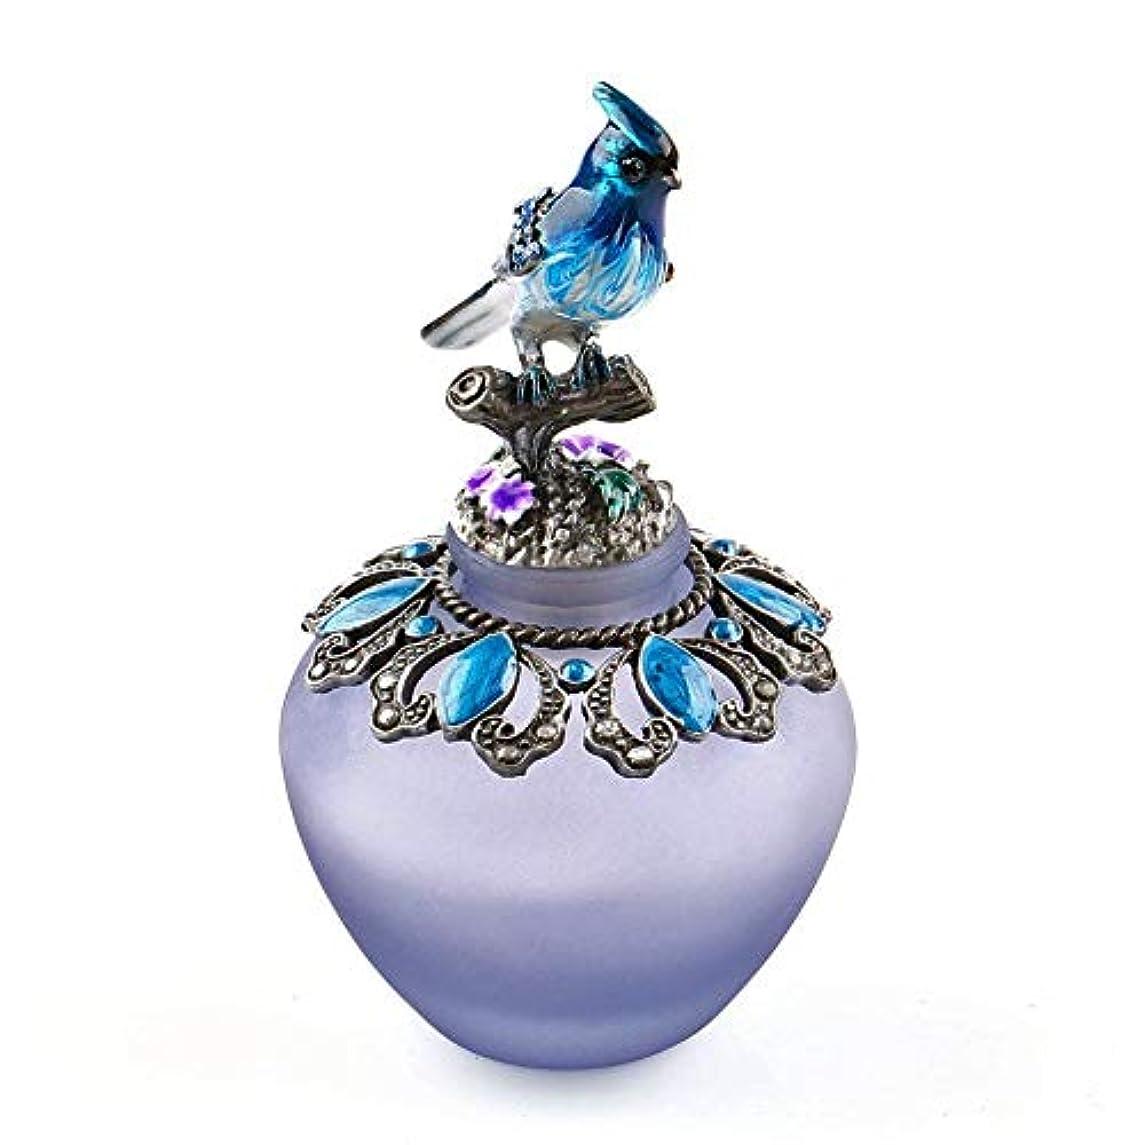 懺悔泳ぐモンゴメリーEasyRaku 高品質 美しい香水瓶 鳥40ML ガラスアロマボトル 綺麗アンティーク調欧風デザイン クリスマスプレゼント 結婚式 飾り